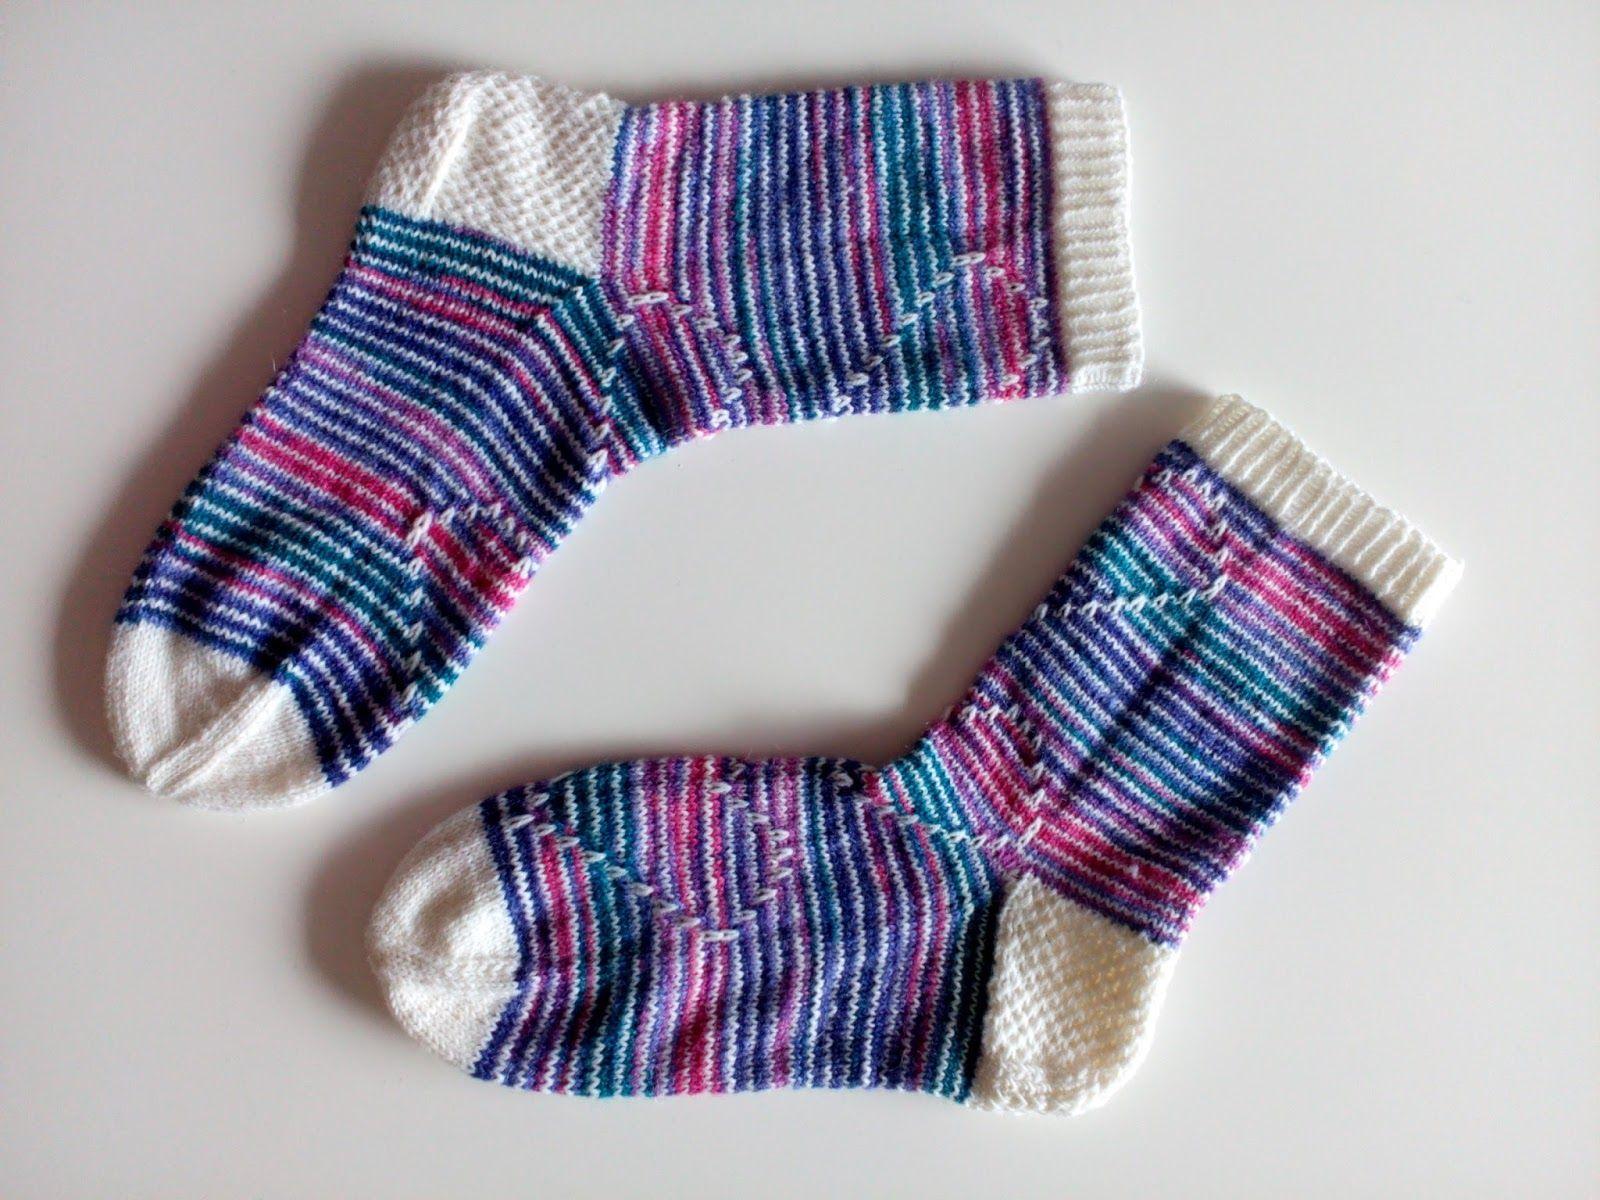 Kun kerran pyysitte, niin tässä jotain ohjeen tapaista näihin sukkiin. :) Olkoon mallin nimi Sydän edellä, sillä pitäähän niitä jotenkin k...